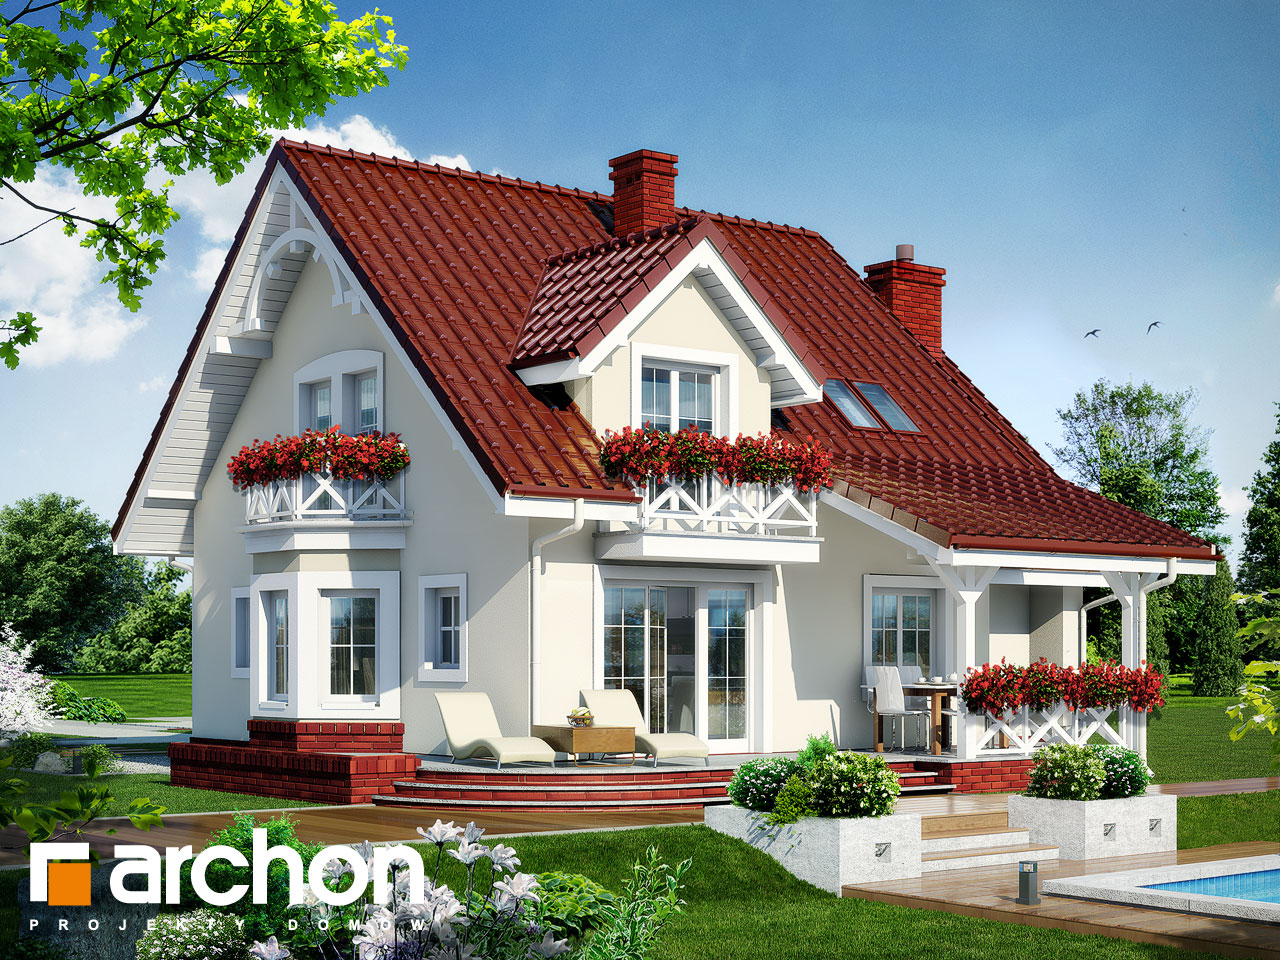 Дом в тамарисках 4 - проект archon+.